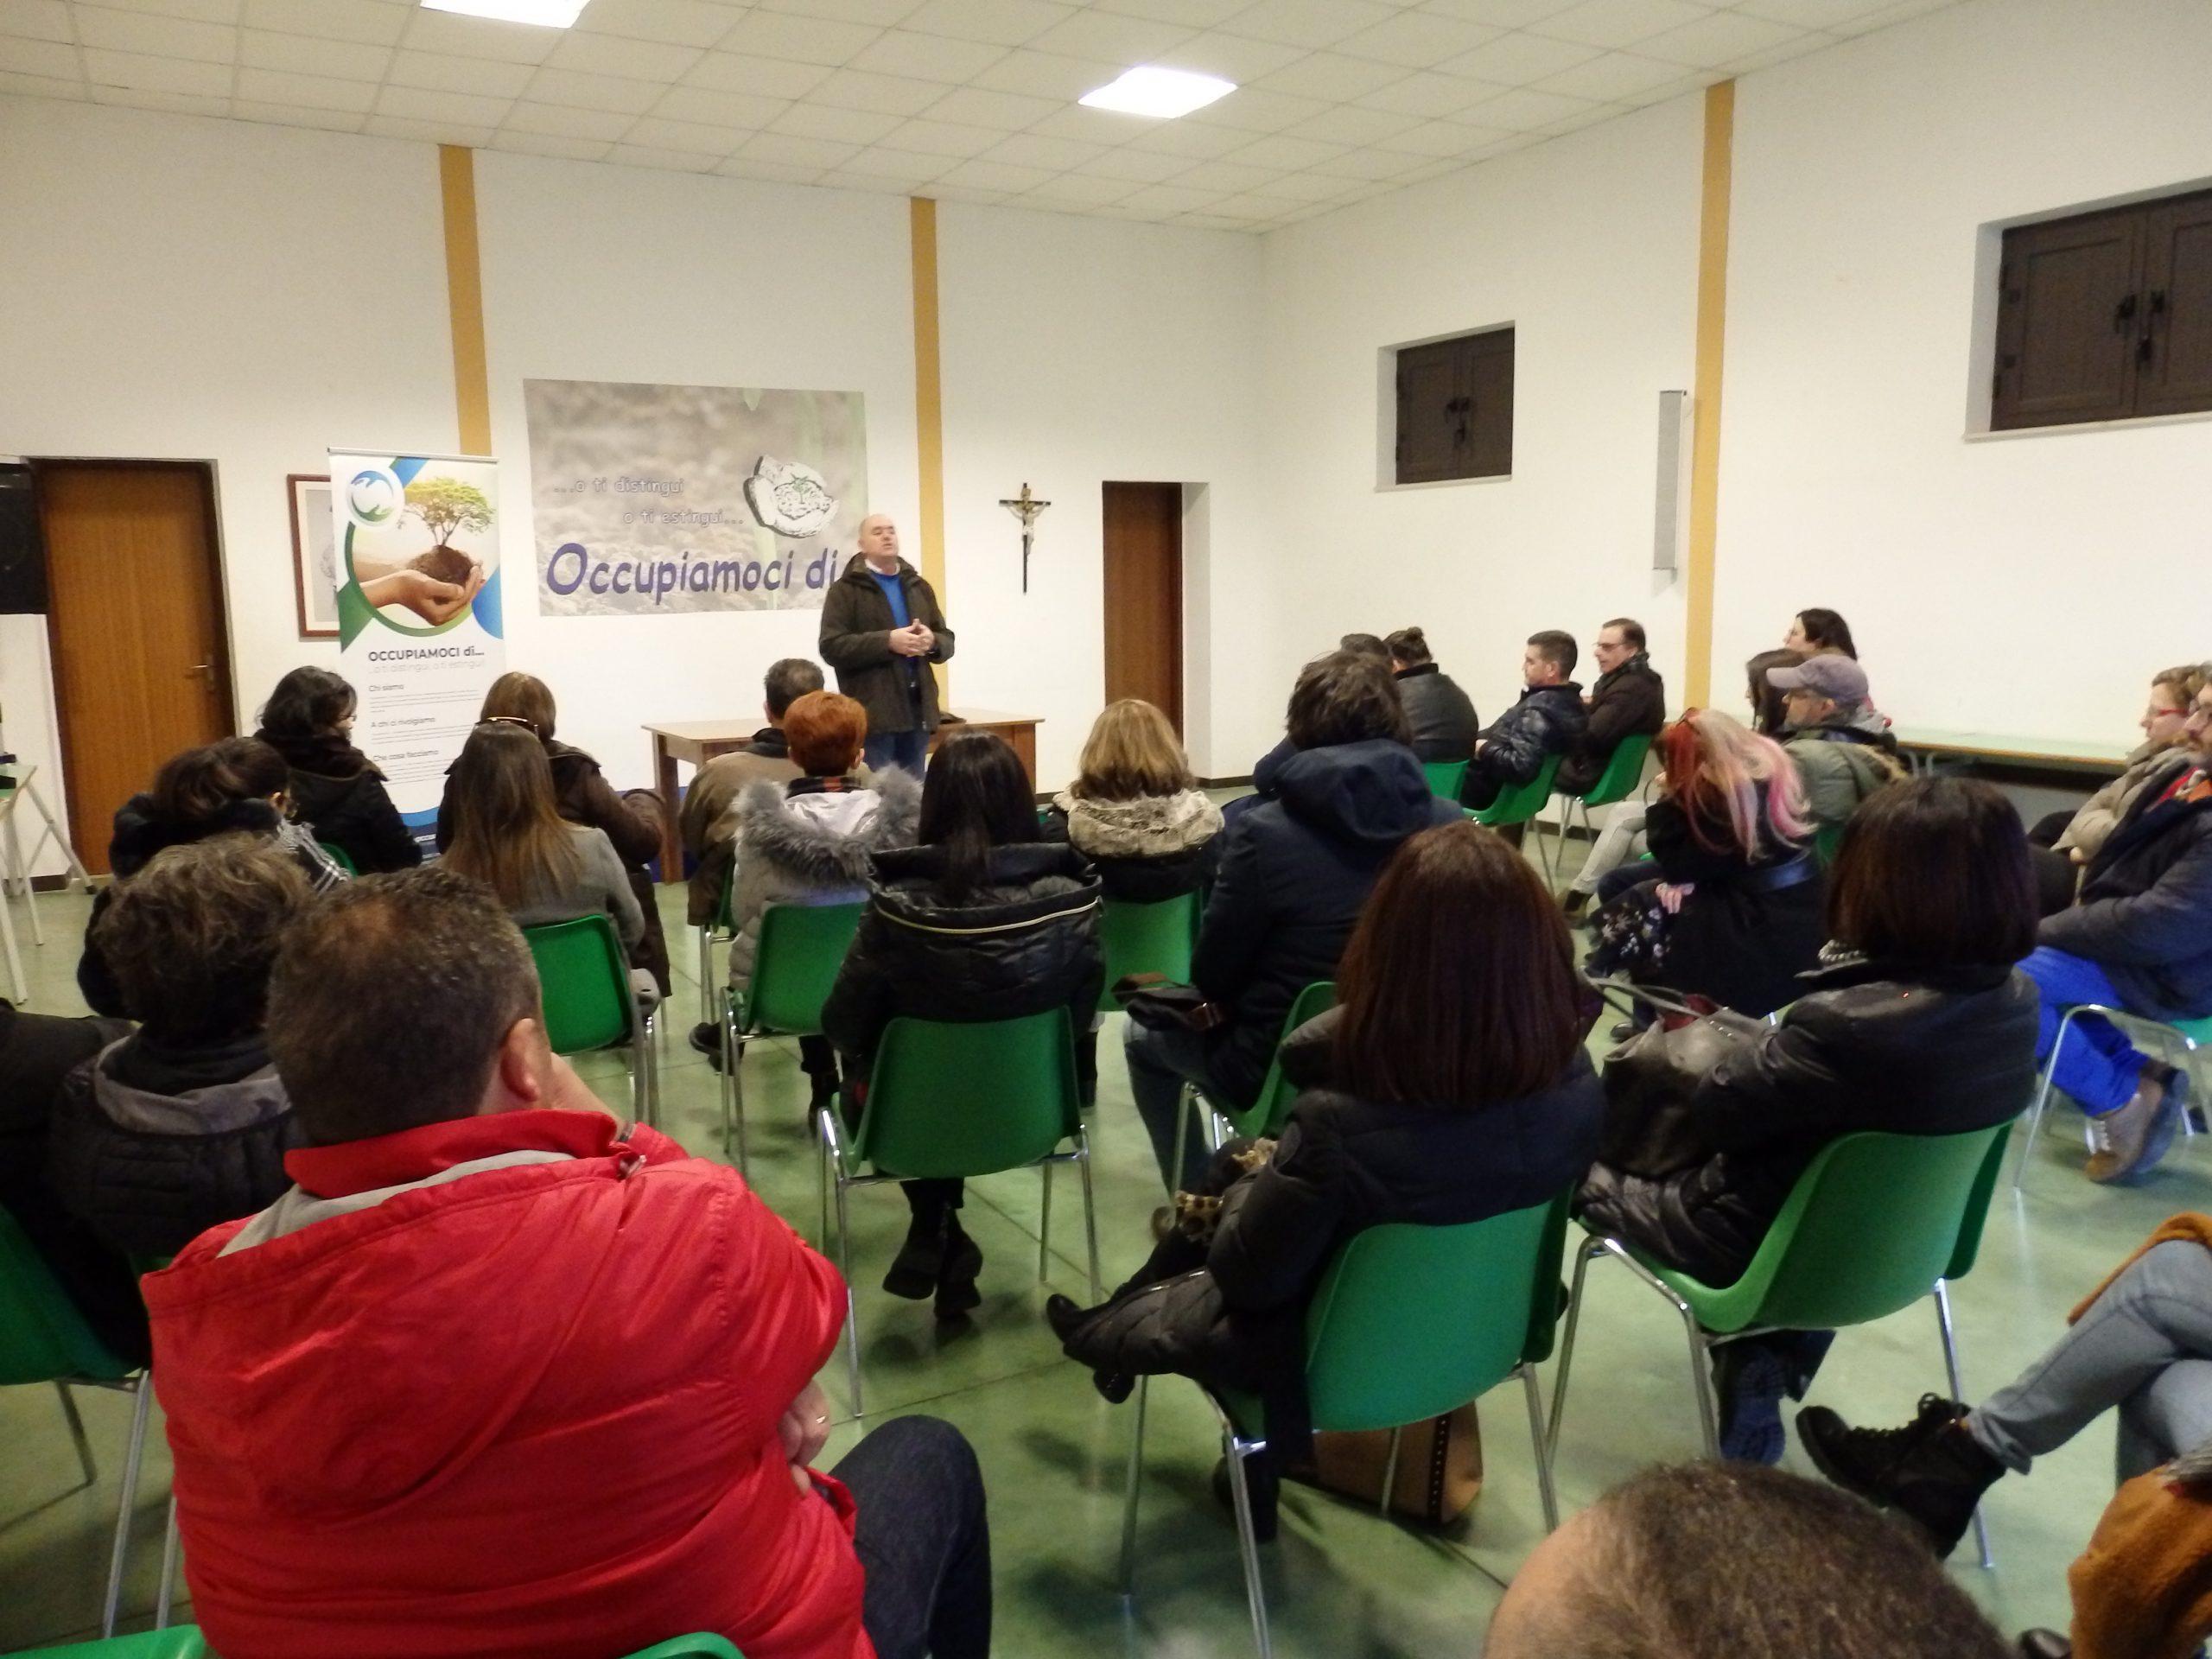 Lavoro A Chiaramonte Gulfi modica. l'assemblea del gruppo occupiamoci di l'incontro